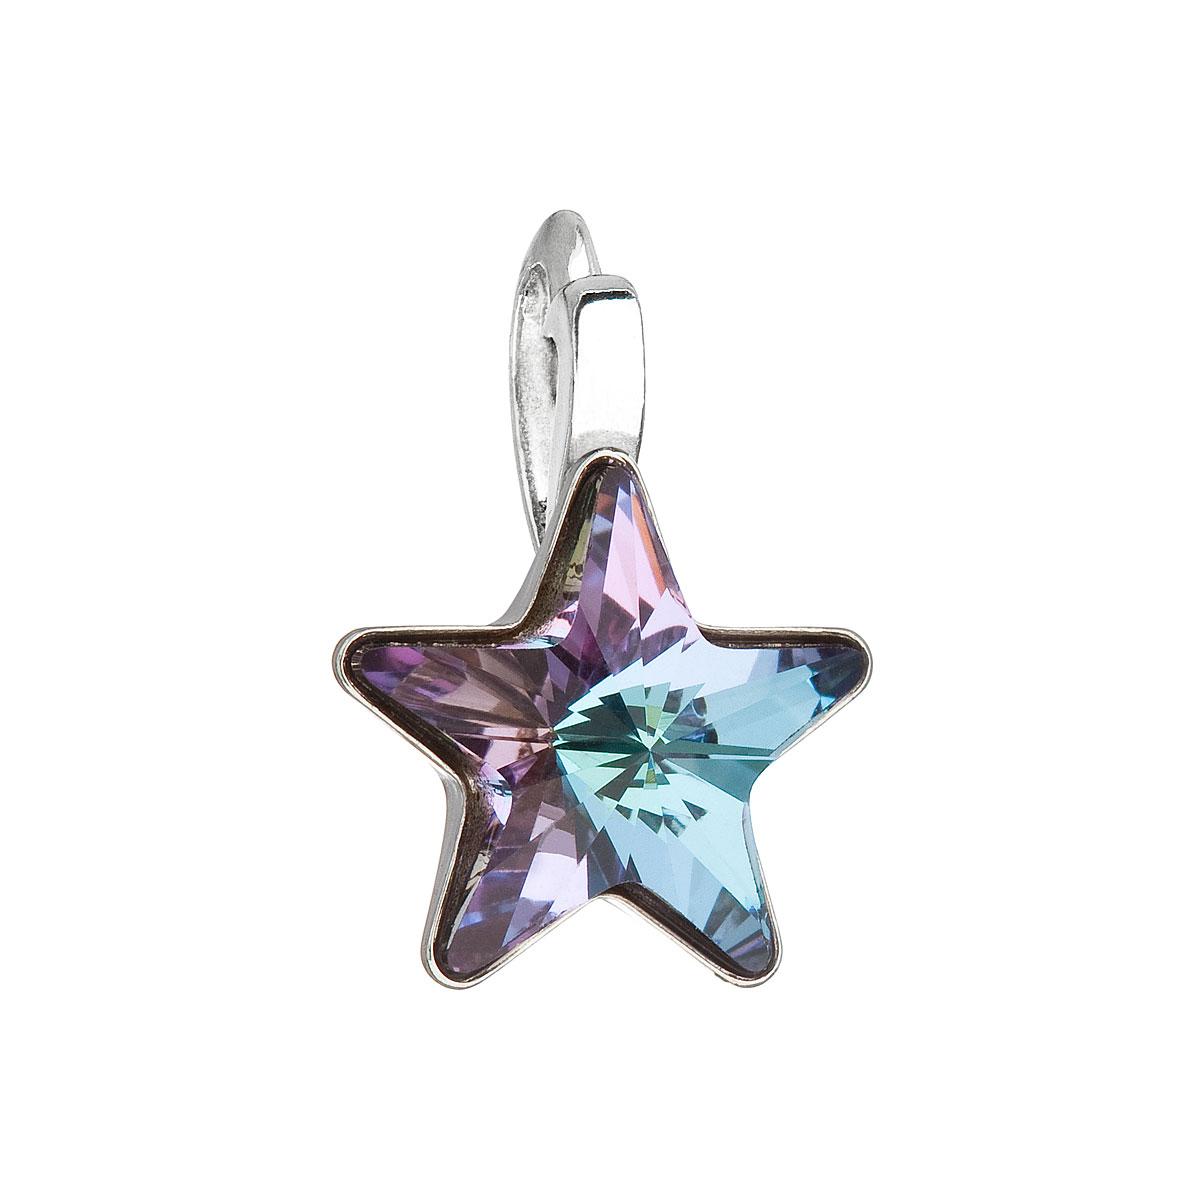 Evolution Group Stříbrný přívěsek s krystalem Swarovski fialová hvězdička 34226.5